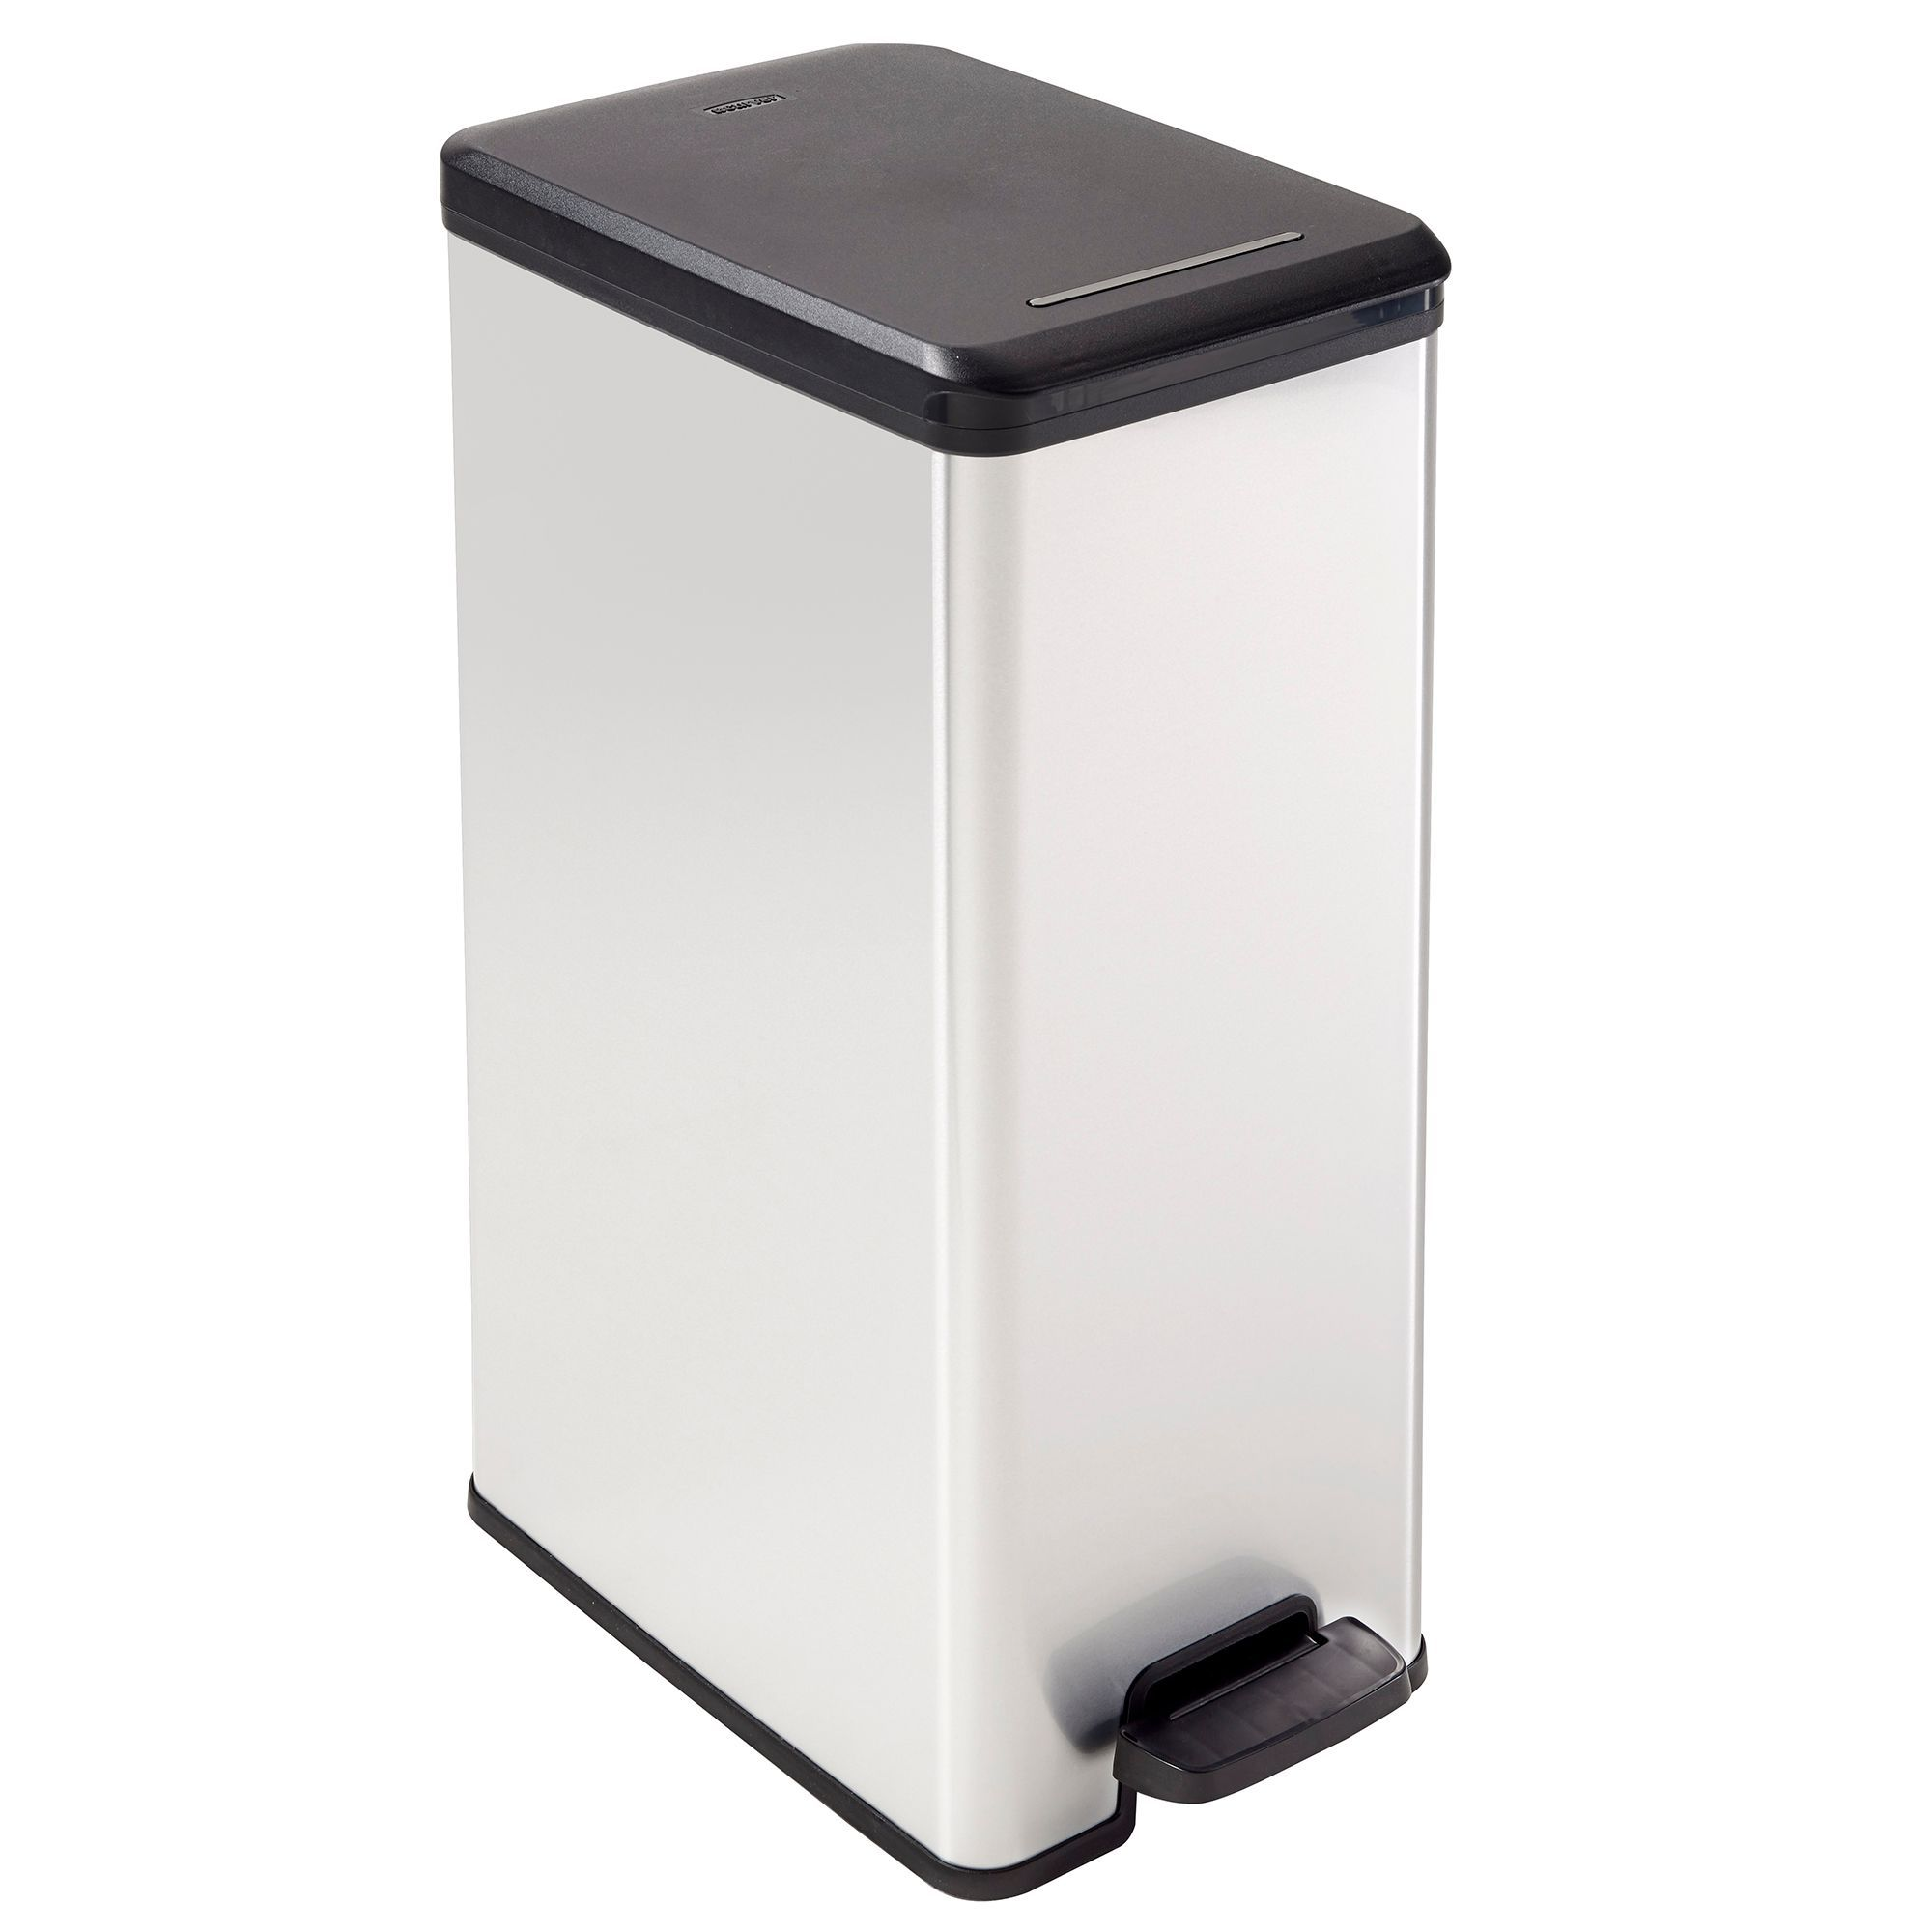 curver slim metal effect plastic rectangular pedal bin. Black Bedroom Furniture Sets. Home Design Ideas